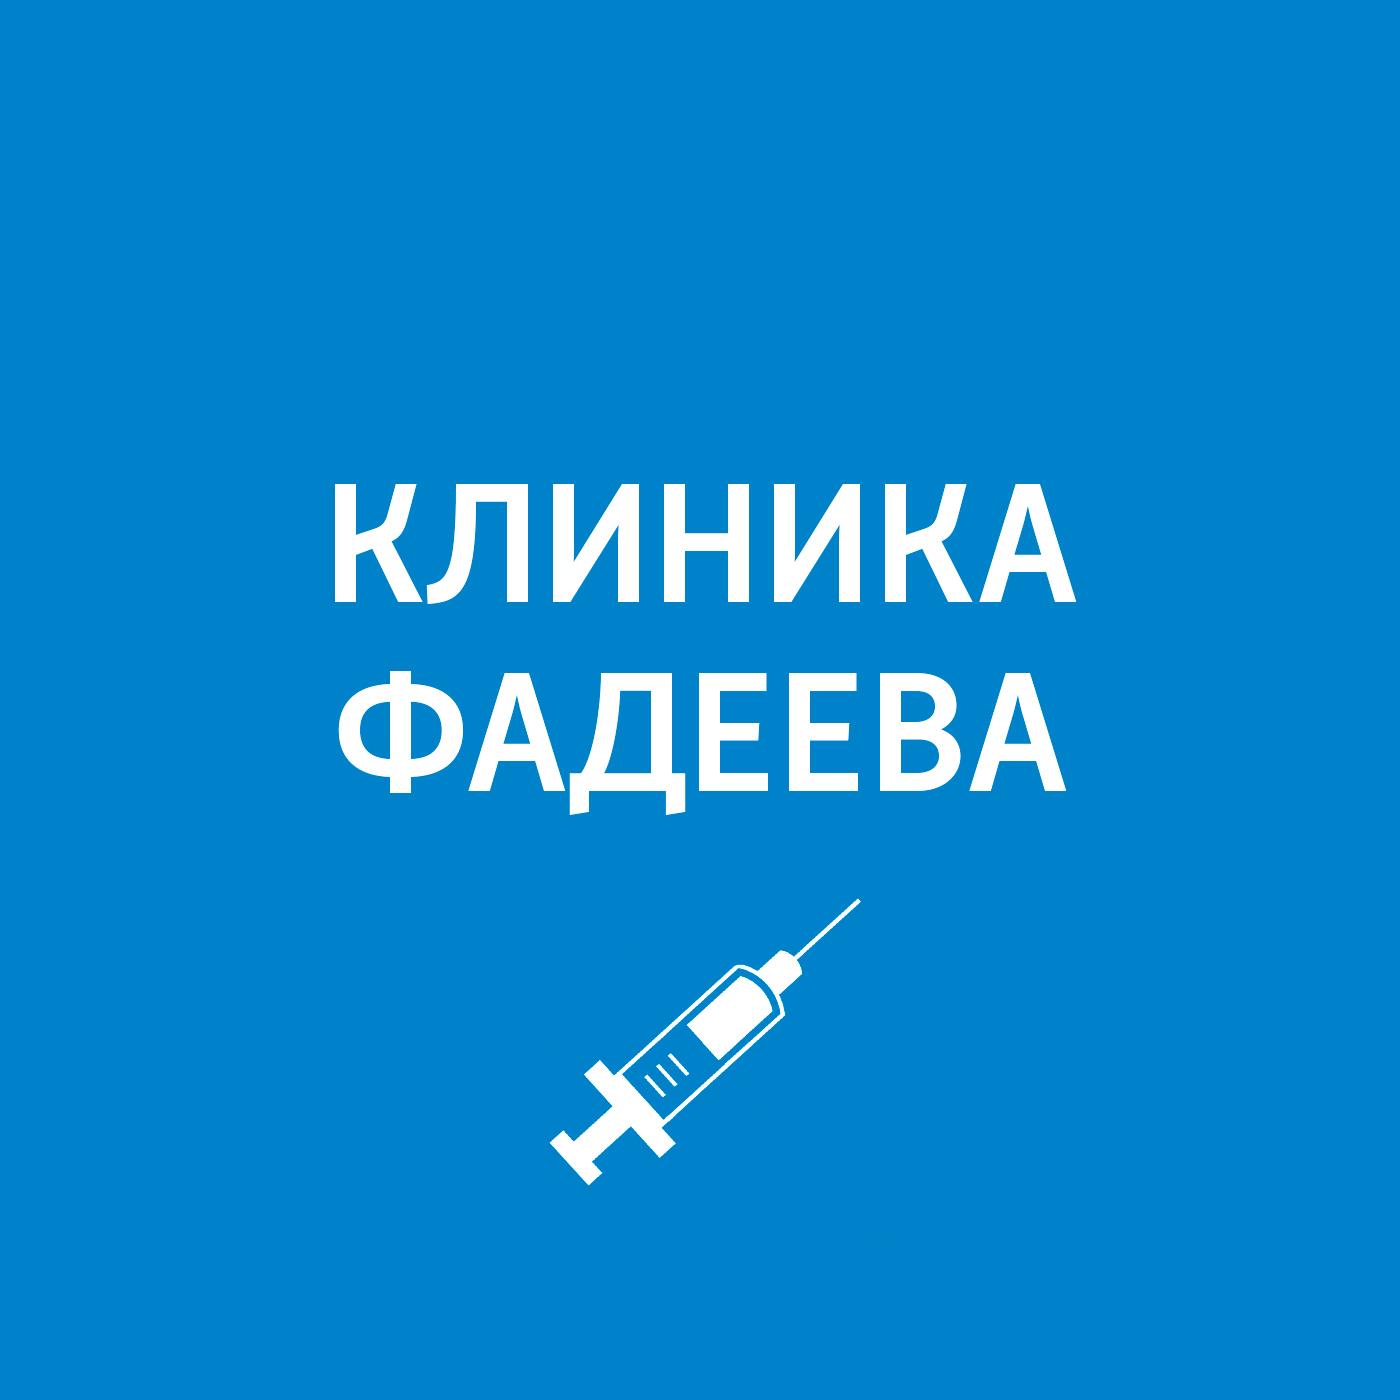 Пётр Фадеев Приём ведёт врач-невролог. Деменция